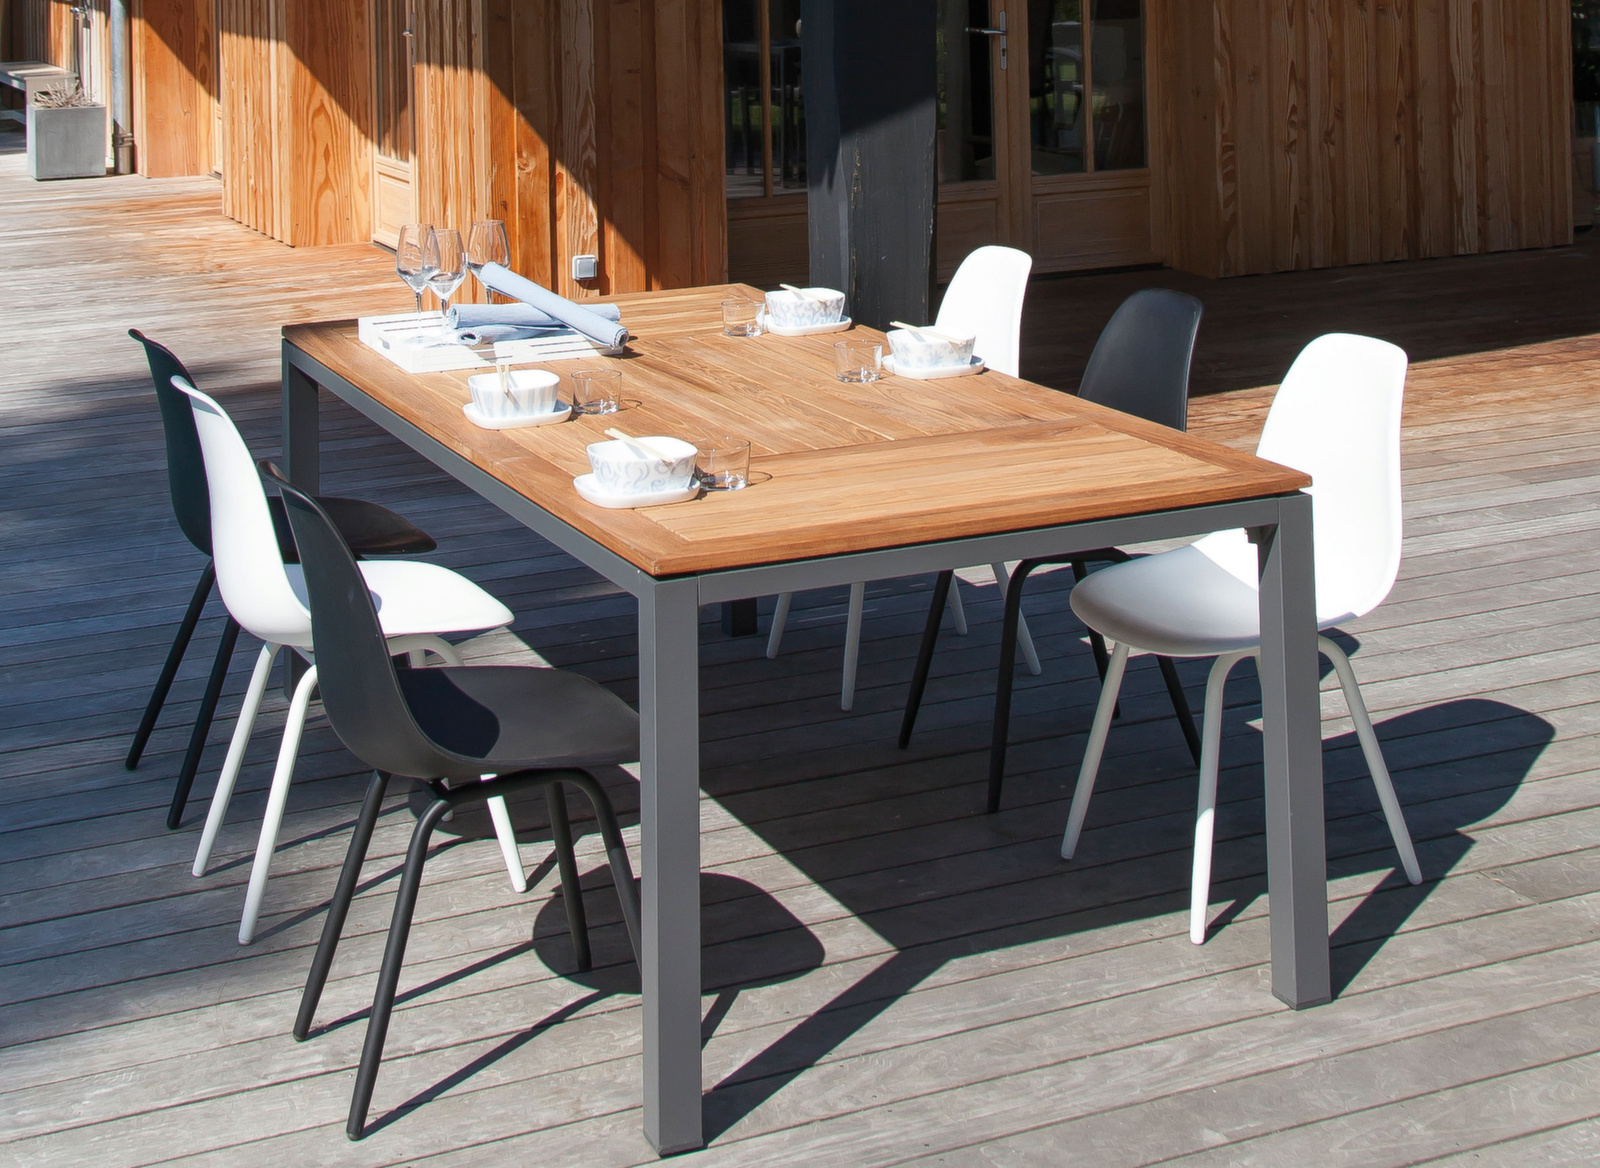 chaises de jardin vintage moss lot de 4 mobilier. Black Bedroom Furniture Sets. Home Design Ideas